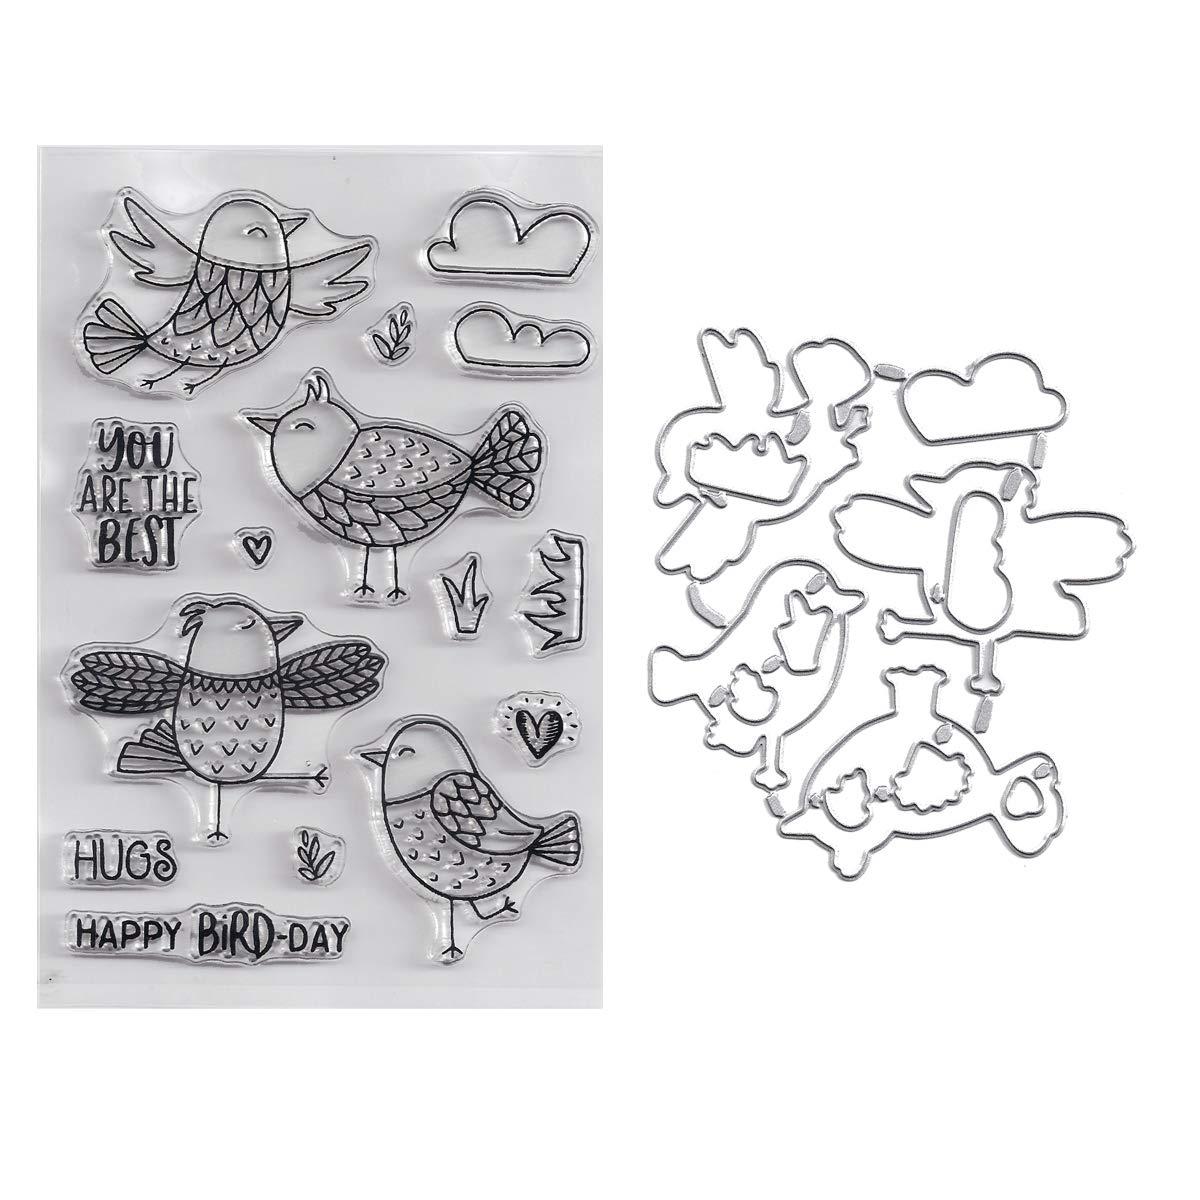 Bundle-2 Items-(1) Ea - Scrapbooking Birds Clear Cling Stamp & Die Cut Set - BD2372, BD2374 Generic